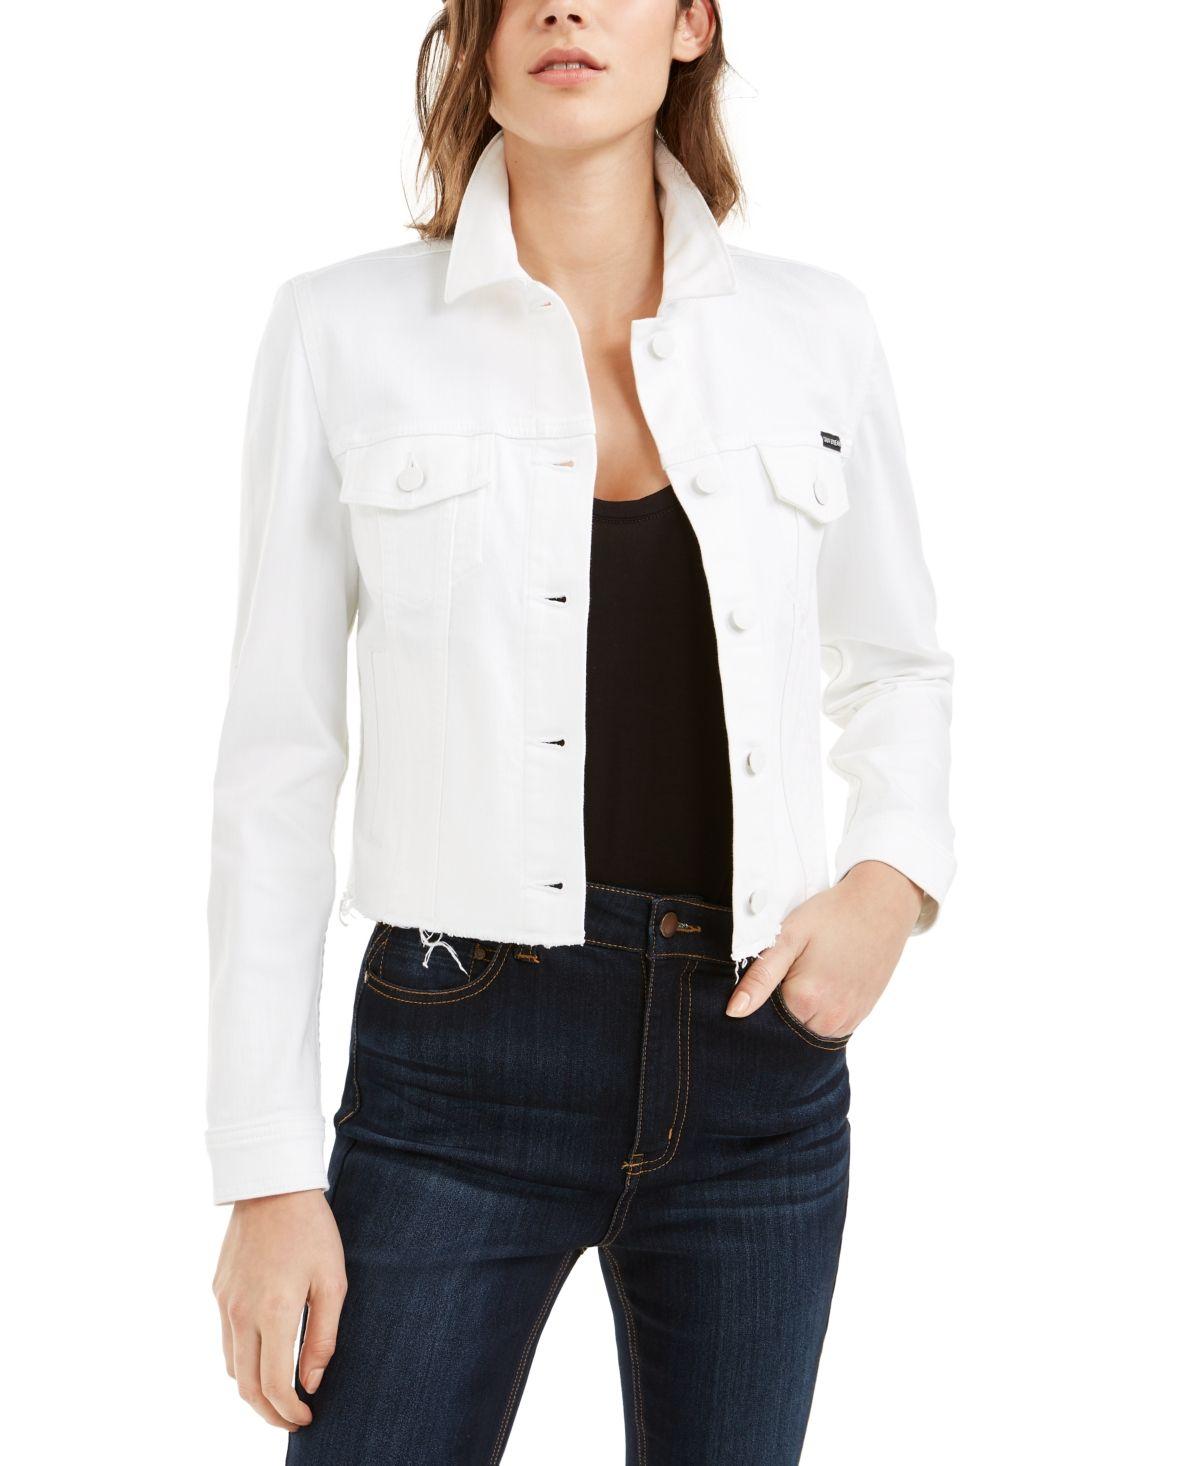 Calvin Klein Jeans White Jean Jacket White White Jean Jacket Jean Vest Outfits Calvin Klein Jeans [ 1466 x 1200 Pixel ]